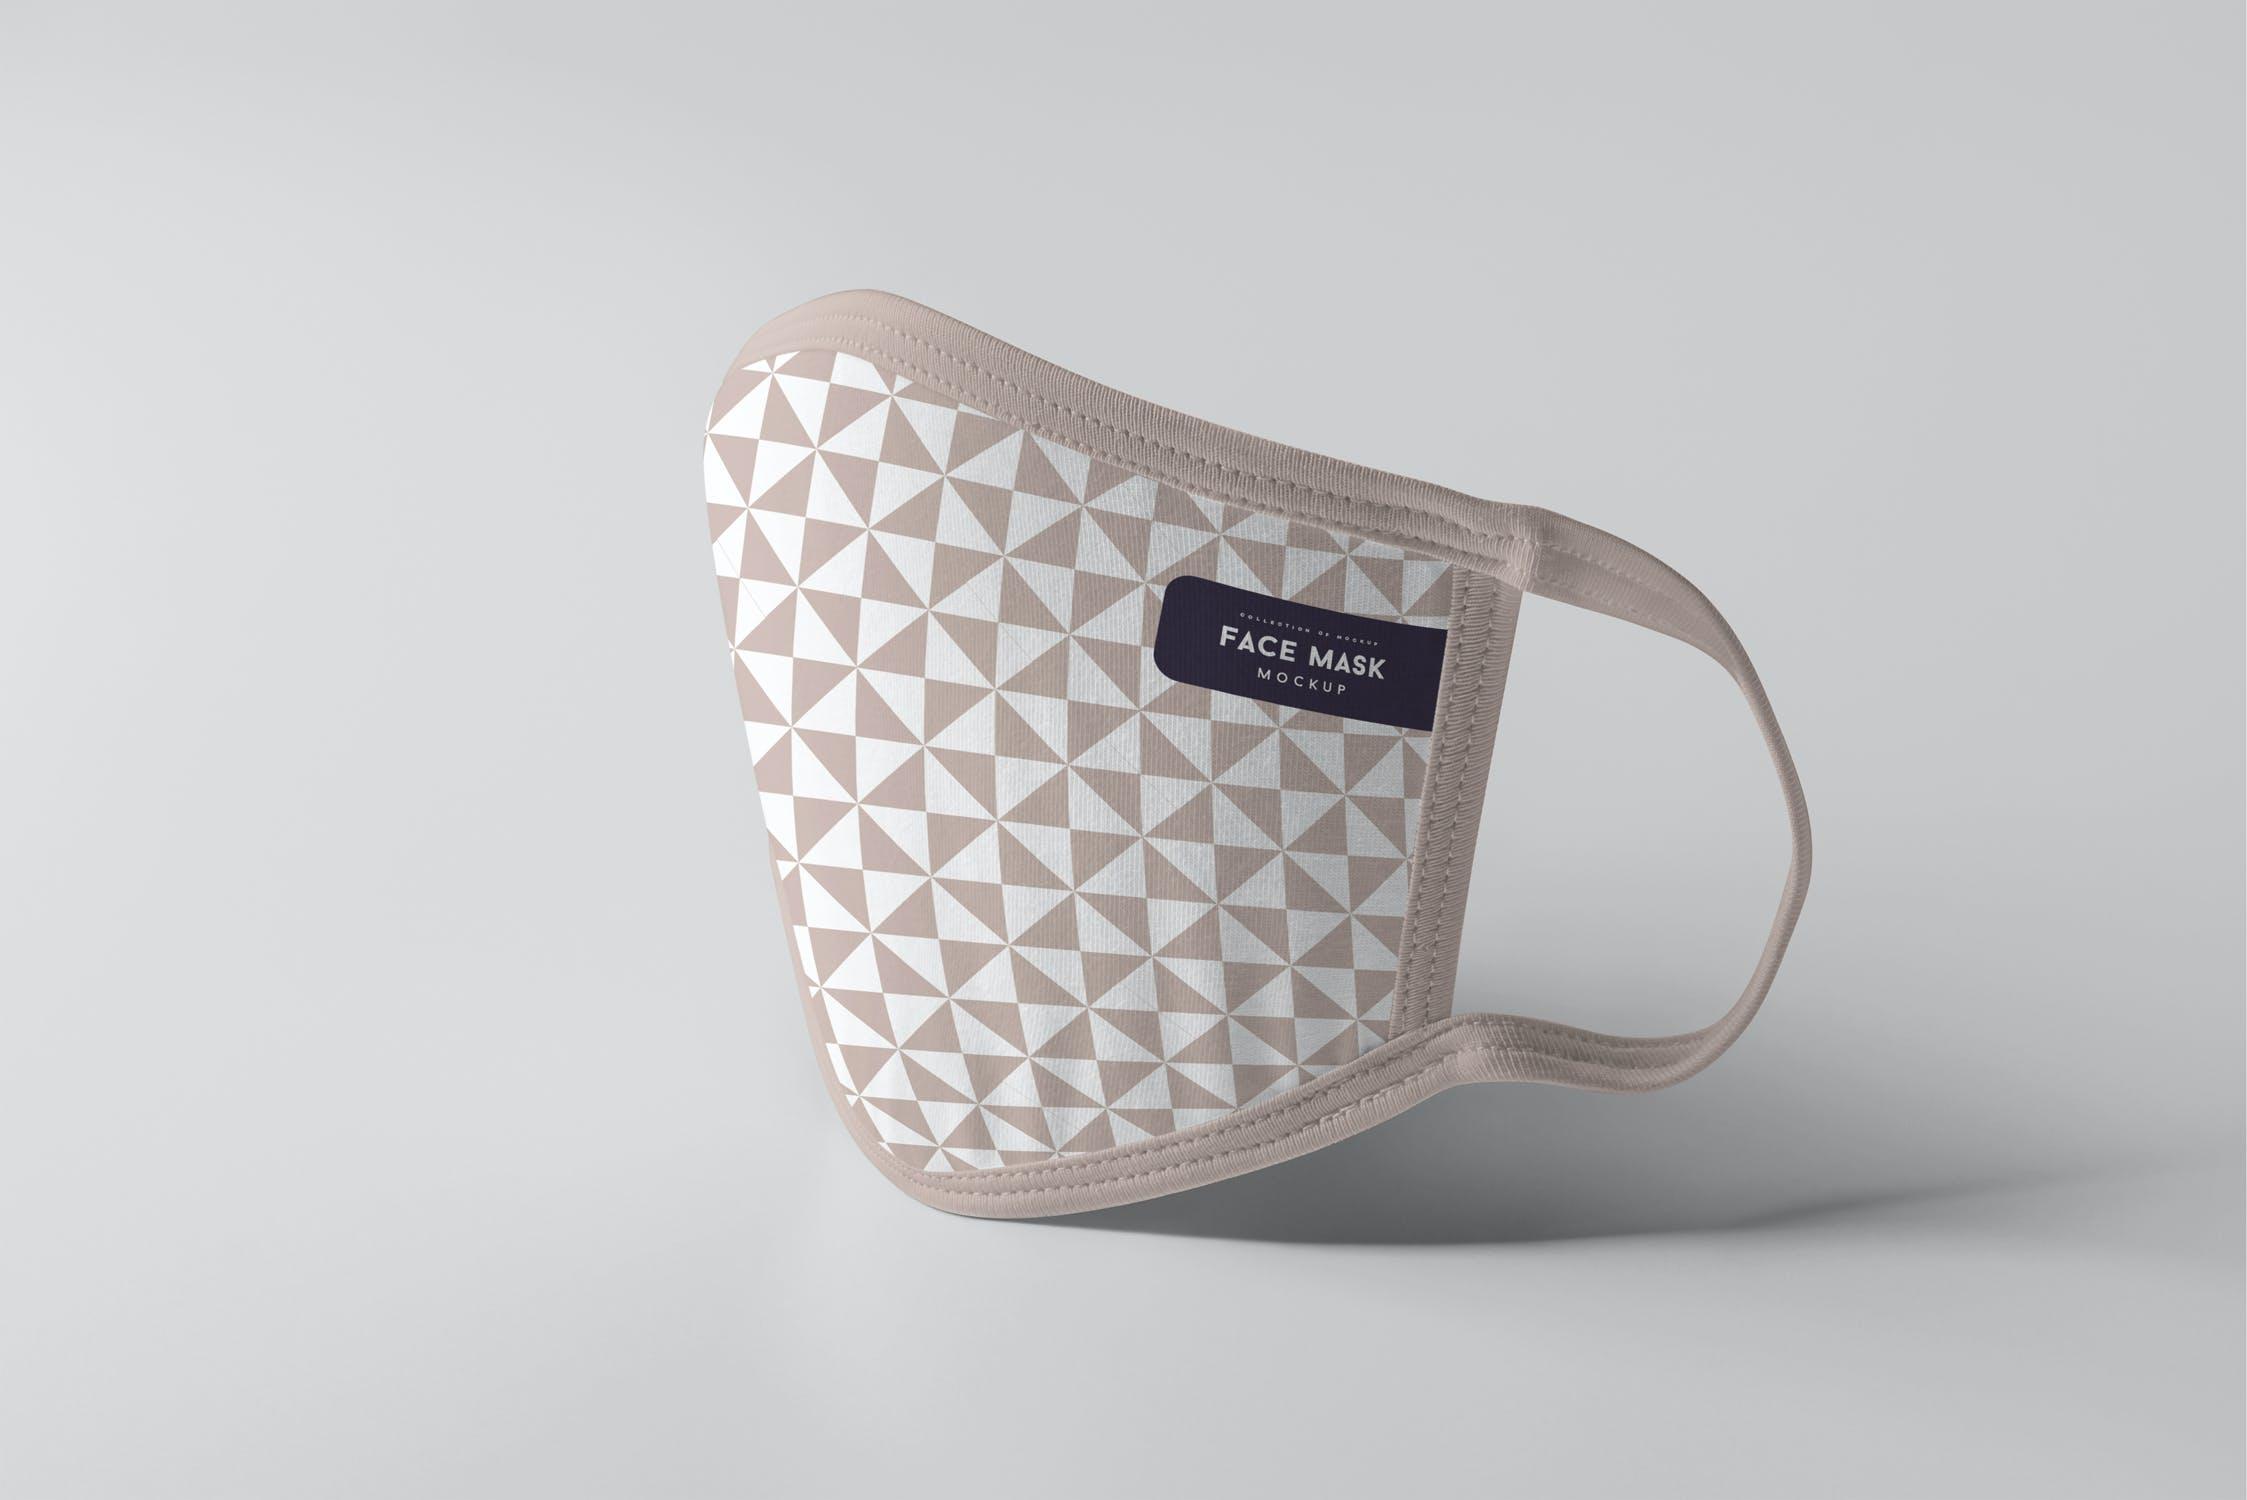 8款防护面罩口罩印花设计展示样机PSD模板 Face Mask Mockup插图(2)